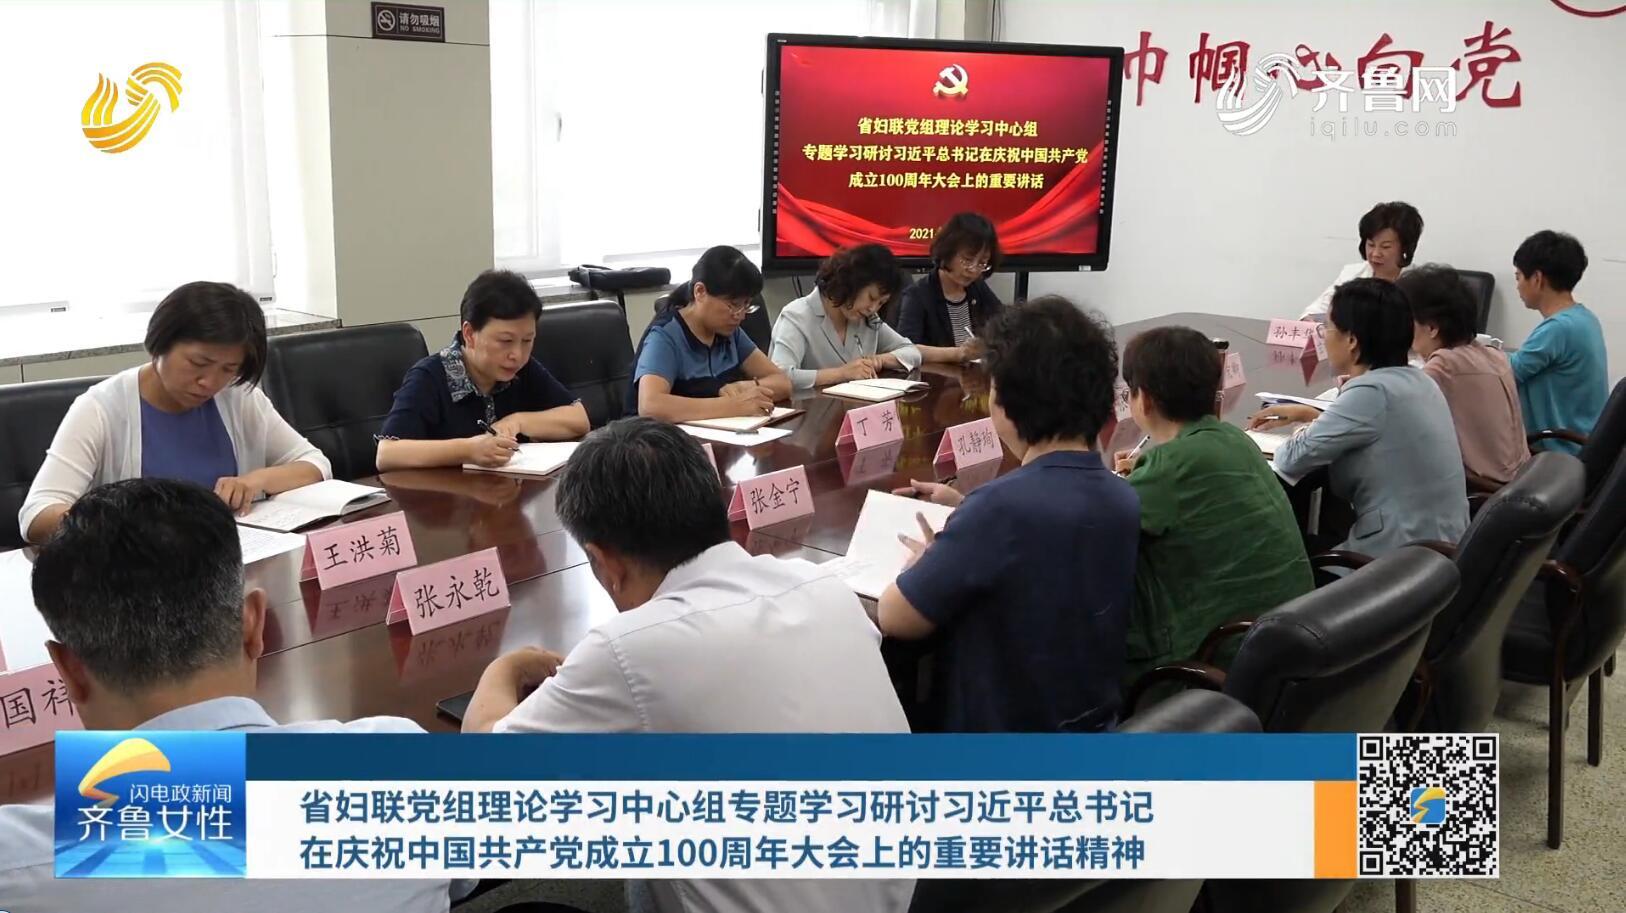 省婦聯黨組理論學習中心組專題學習研討習近平總書記在慶祝中國共產黨成立100周年大會上的重要講話精神